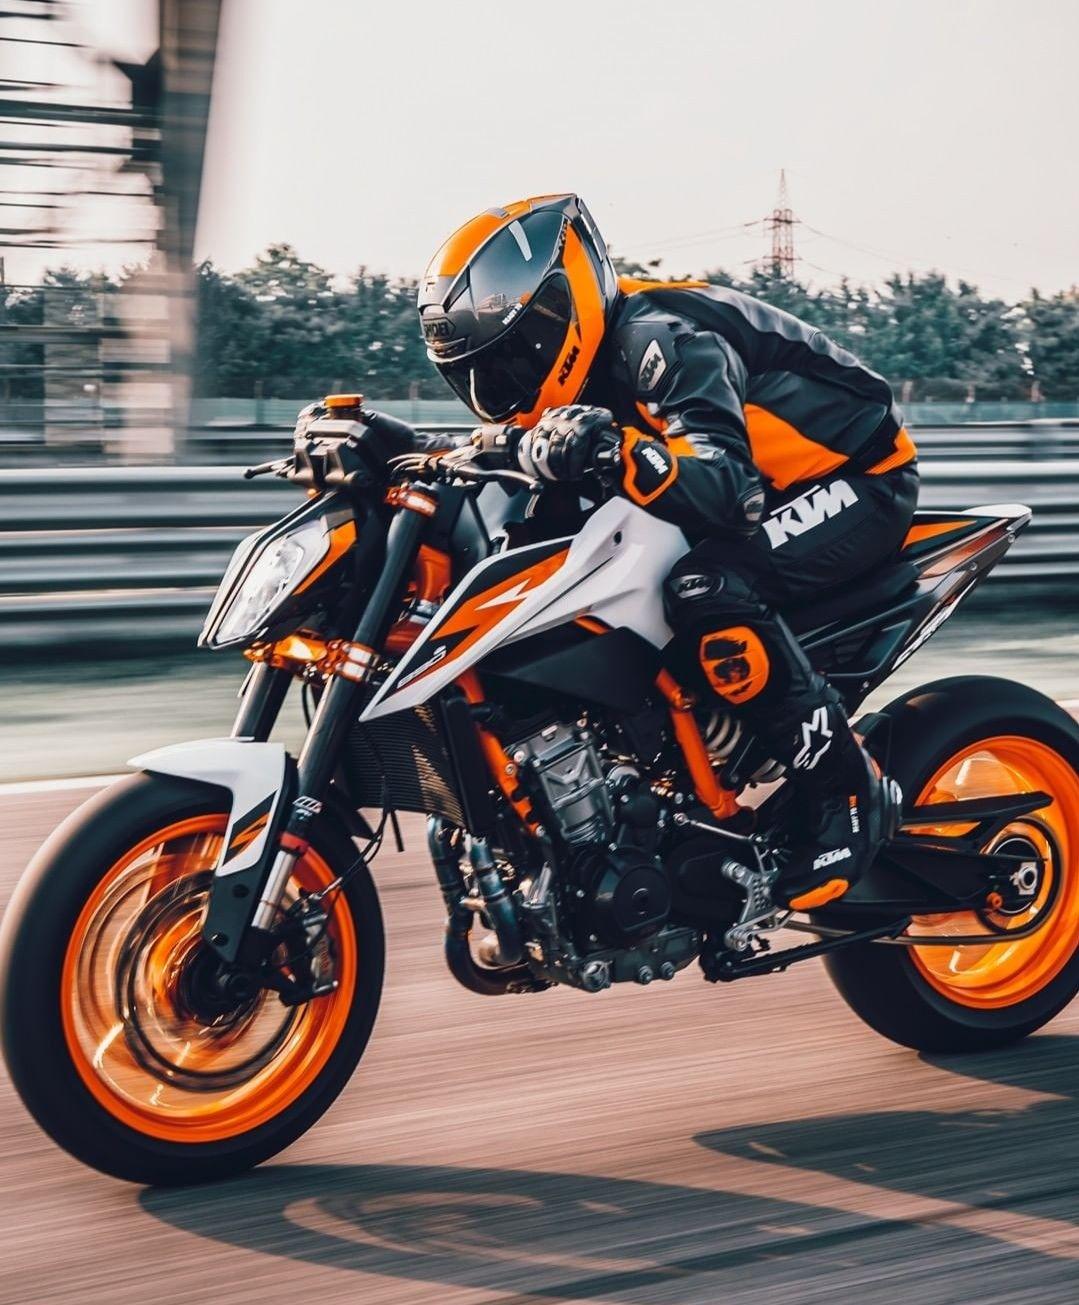 KTM Duke 890R in 2020 Ktm duke, Ktm, Duke motorcycle